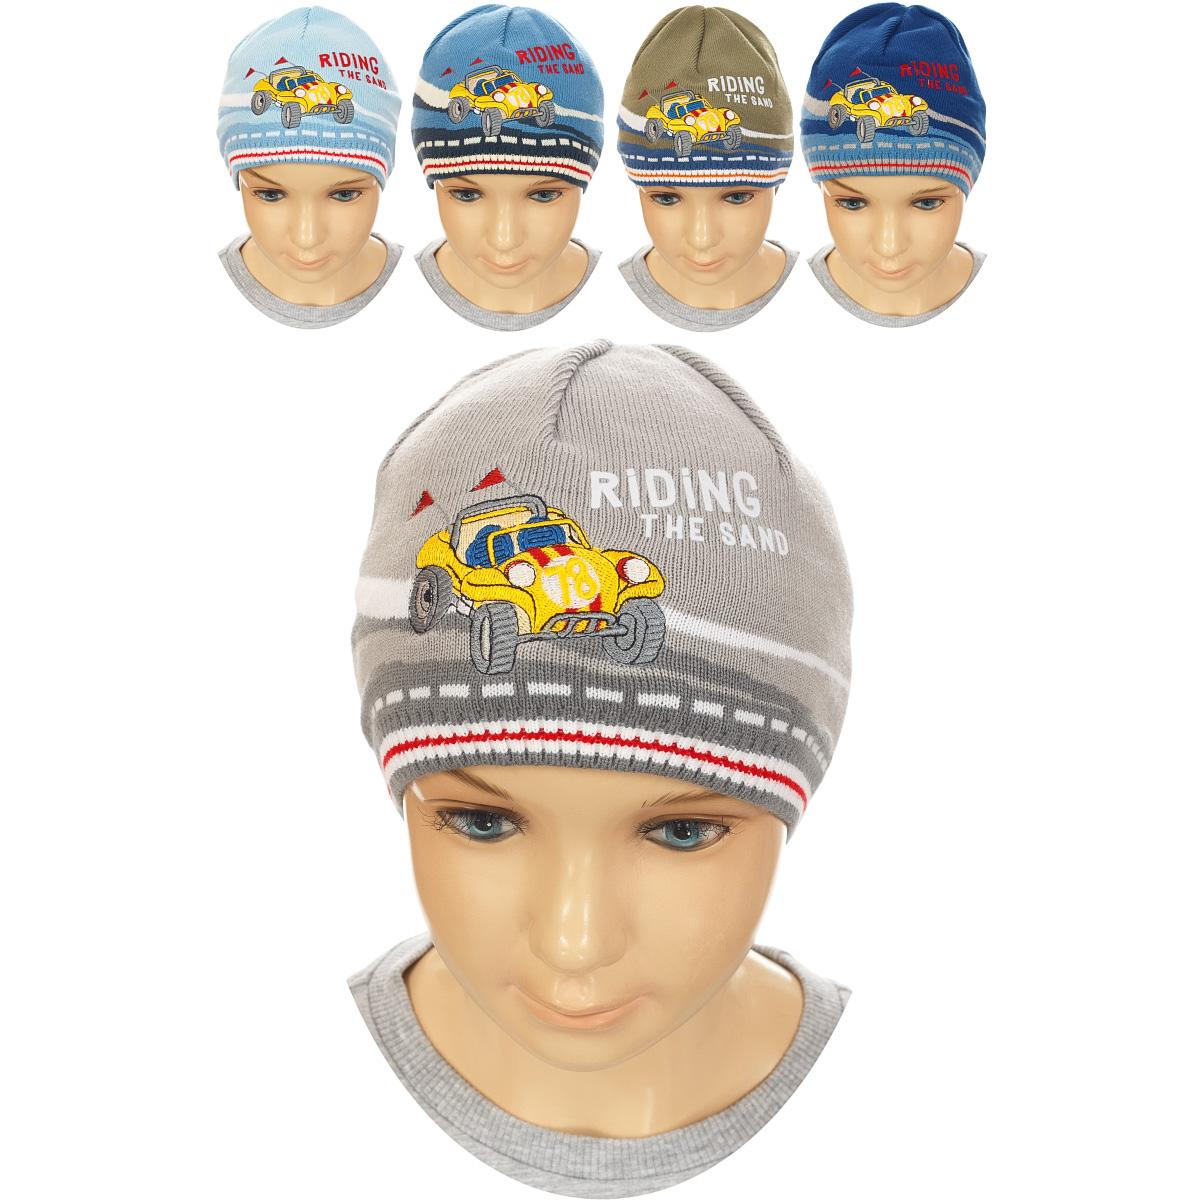 Шапка для мальчика. M3600-22M3600-22Стильная теплая шапка для мальчика ПриКиндер идеально подойдет для прогулок и активных игр в холодное время года. Шапка выполнена из высококачественного акрила с добавлением хлопка, она невероятно мягкая и приятная на ощупь, великолепно тянется и удобно сидит. Такая шапочка отлично дополнит любой наряд. Модель украшена оригинальной вышивкой с изображением гоночного автомобиля. Удобная шапка станет модным и стильным дополнением гардероба вашего ребенка, надежно защитит его от холода и ветра и поднимет ему настроение даже в пасмурные дни! Уважаемые клиенты! Размер, доступный для заказа, является обхватом головы.